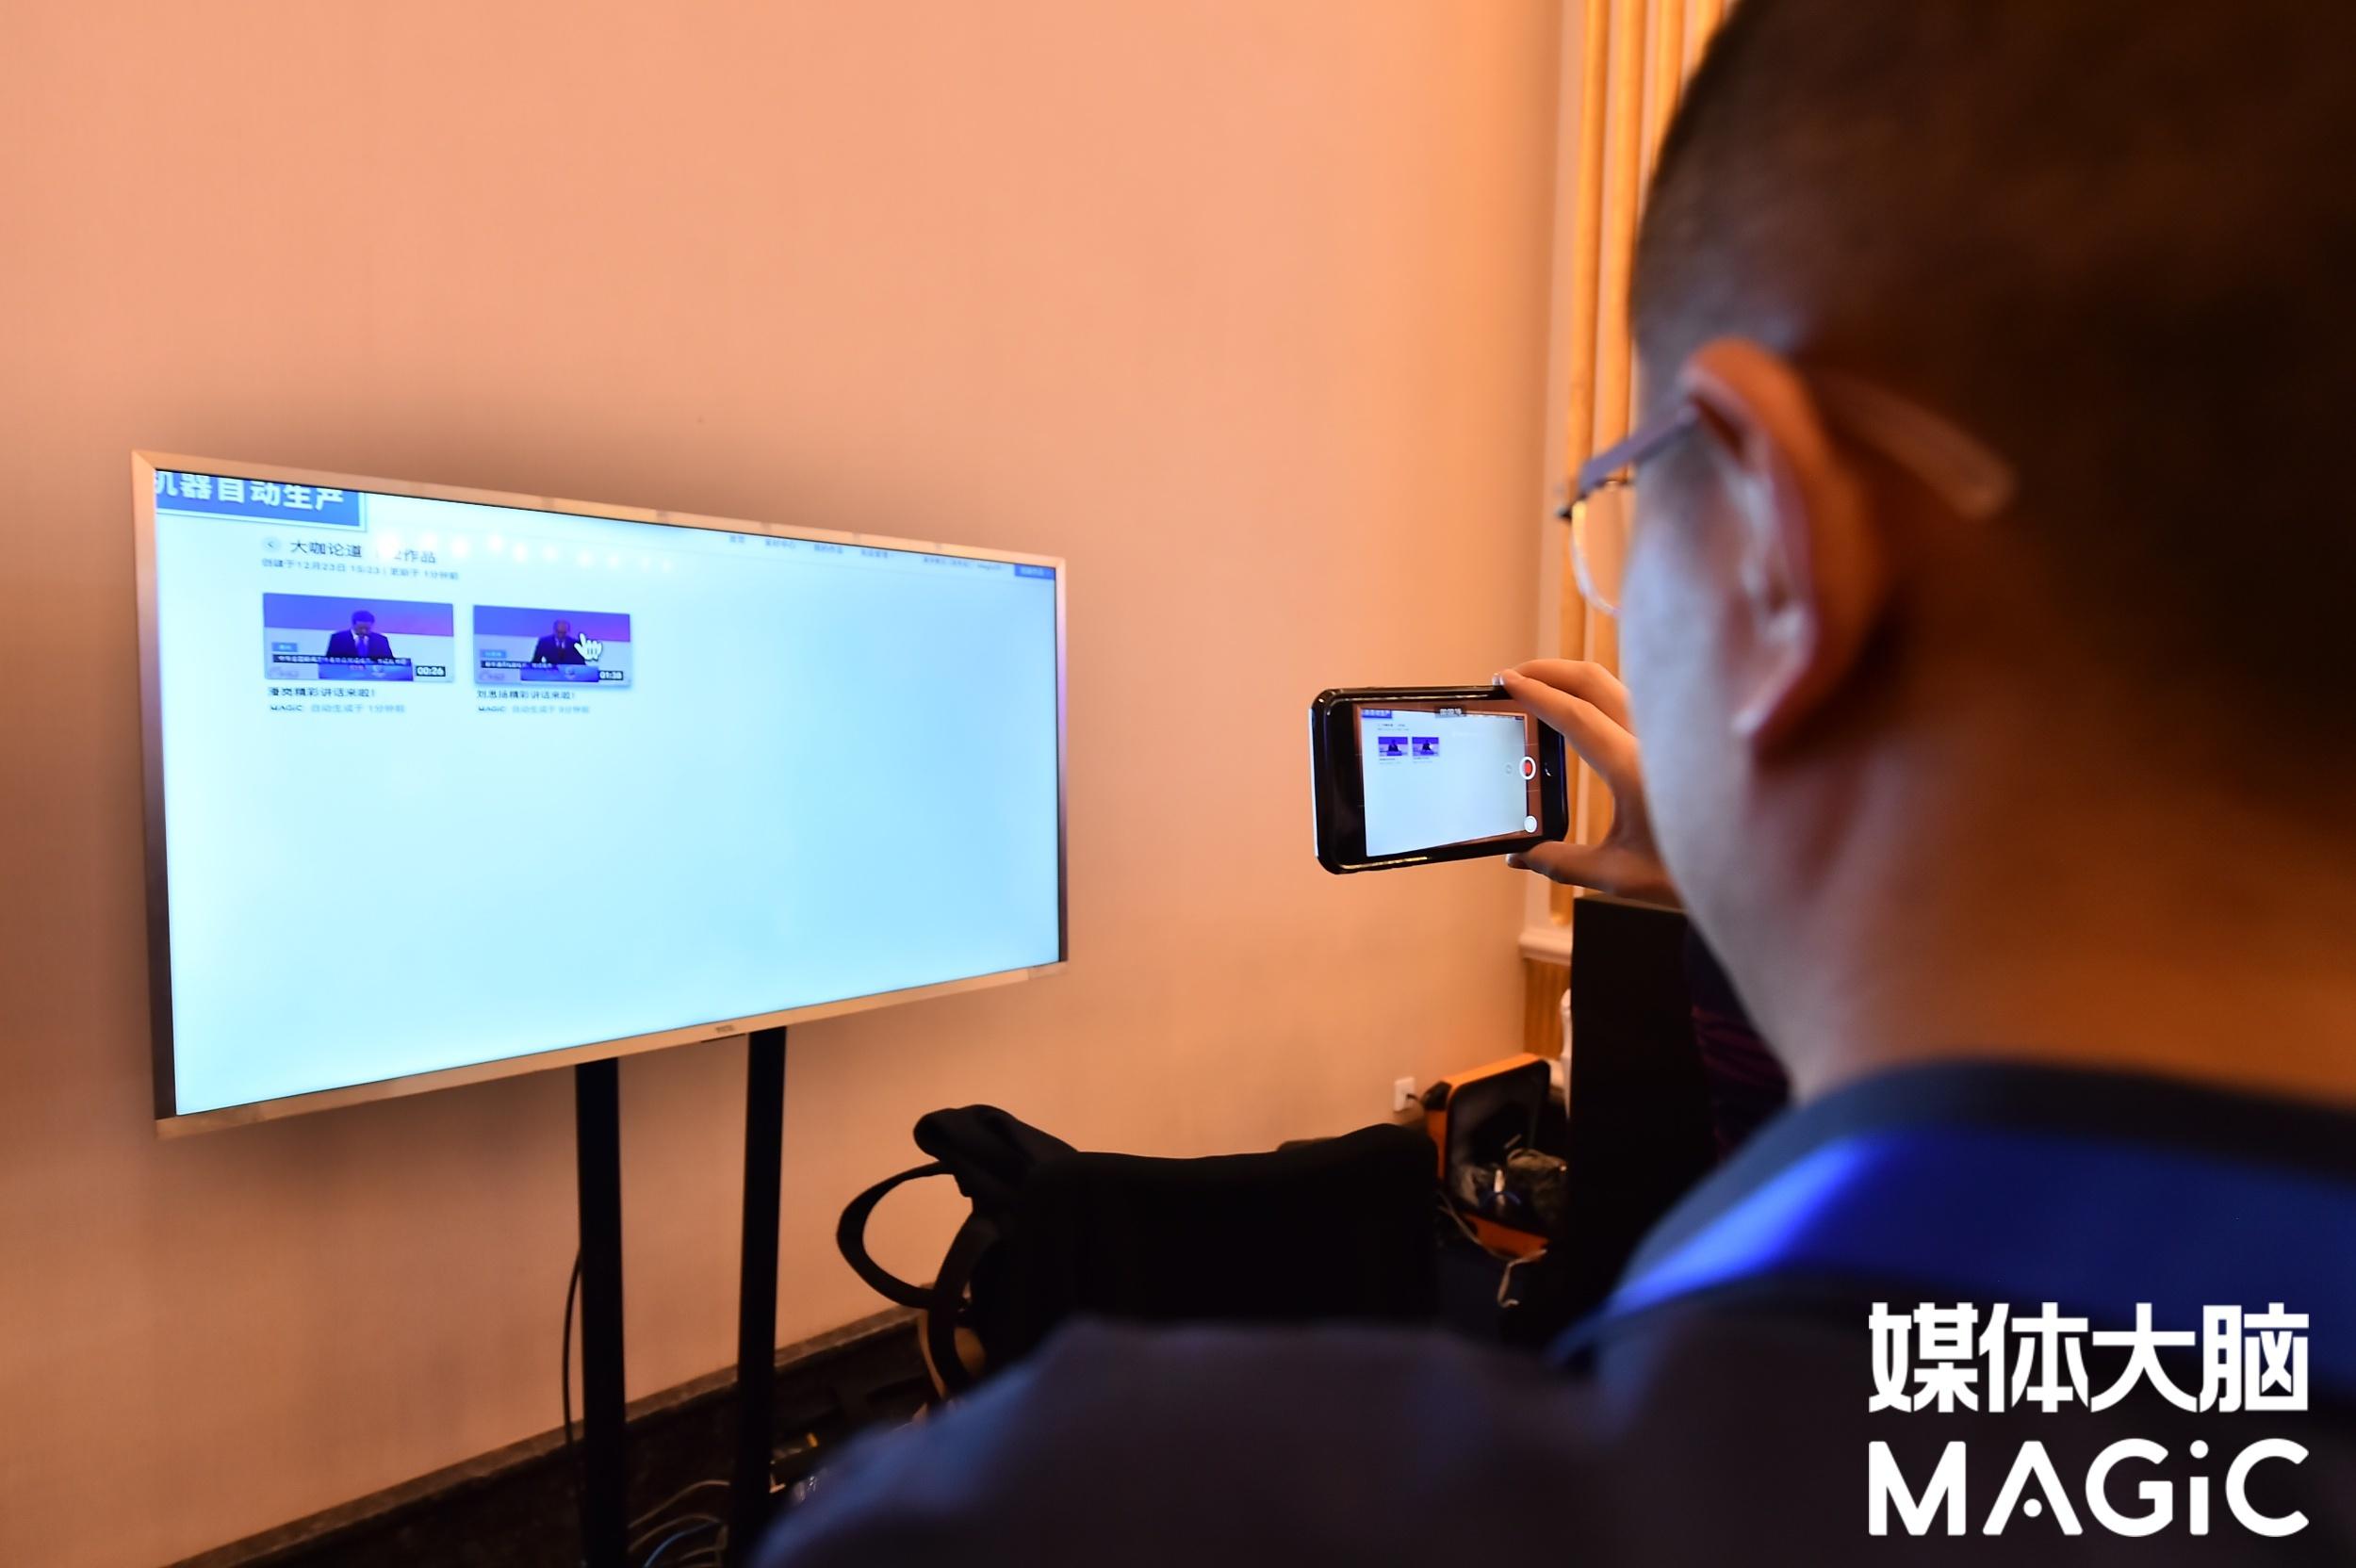 生产仅6秒 新华社发布首个MAGIC短视频智能生产平台